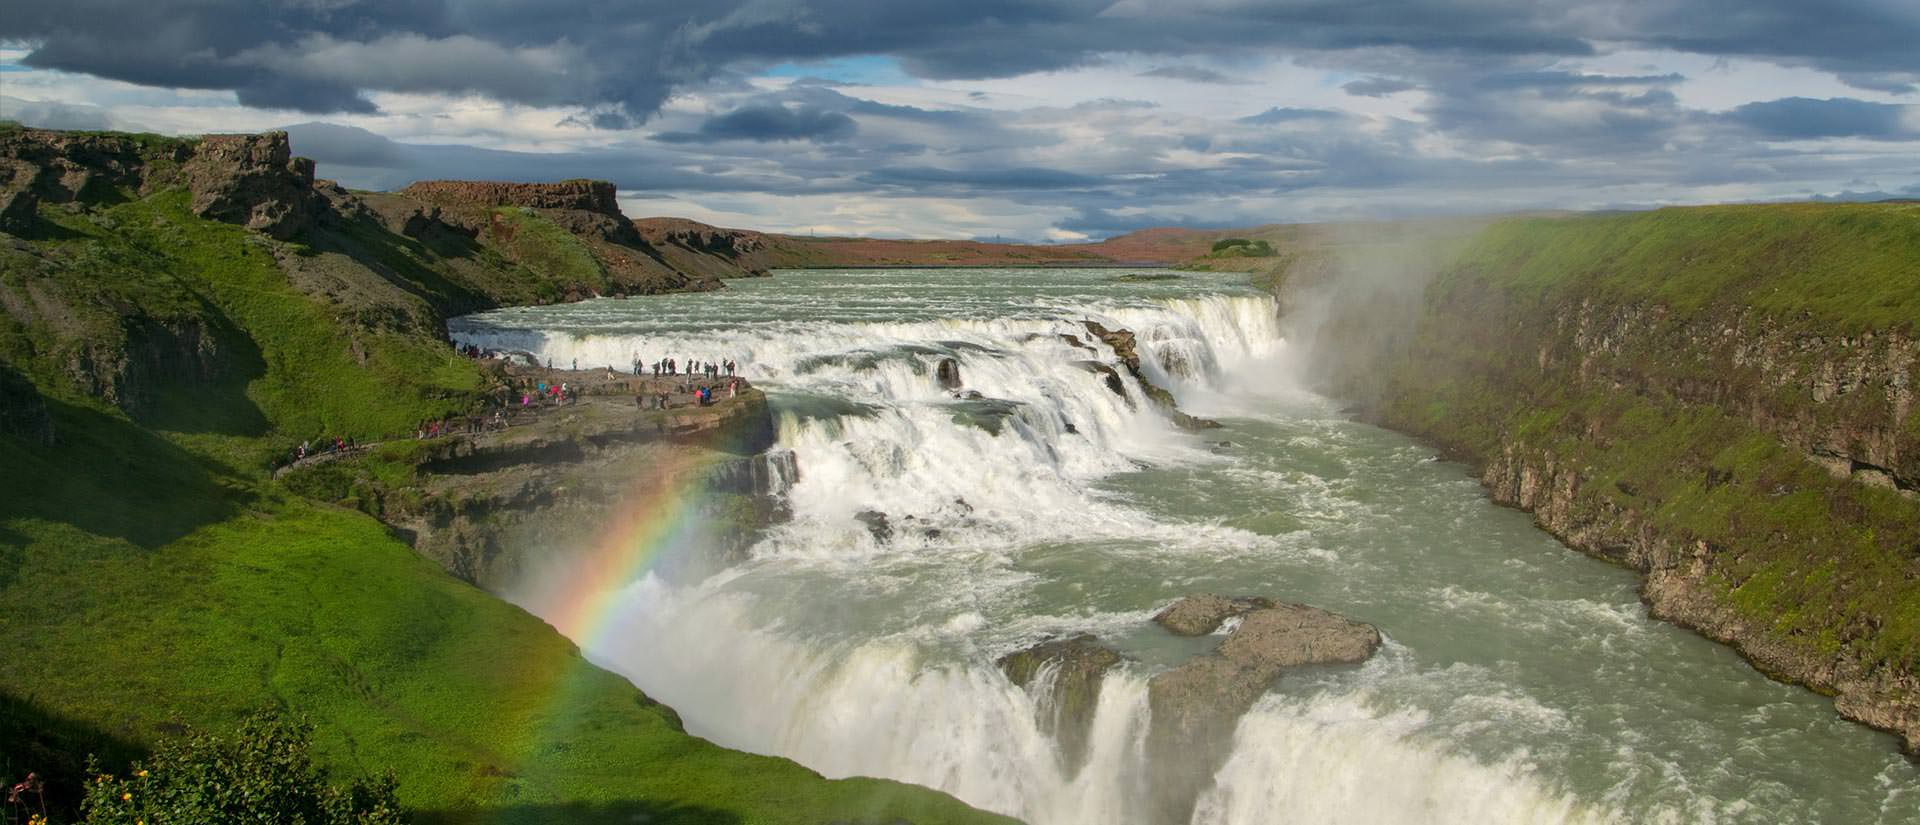 שייט באיסלנד -10 ימים - ויקינגים ונופים געשיים באחד האיים המרתקים בעולם